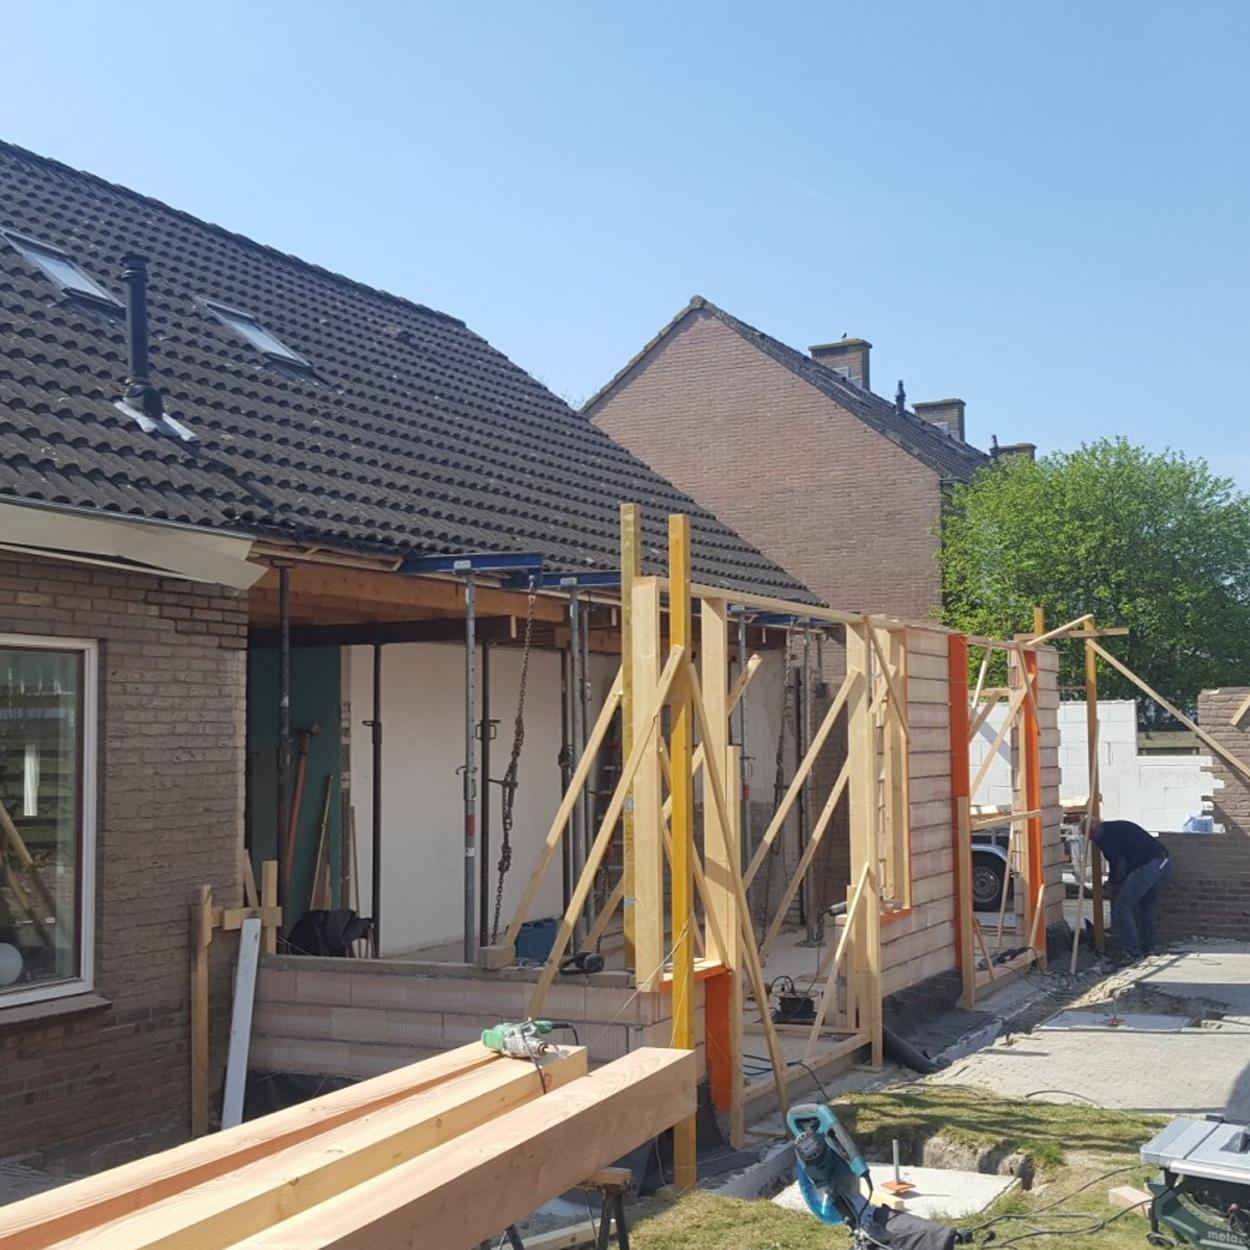 klus_aanbouw_home